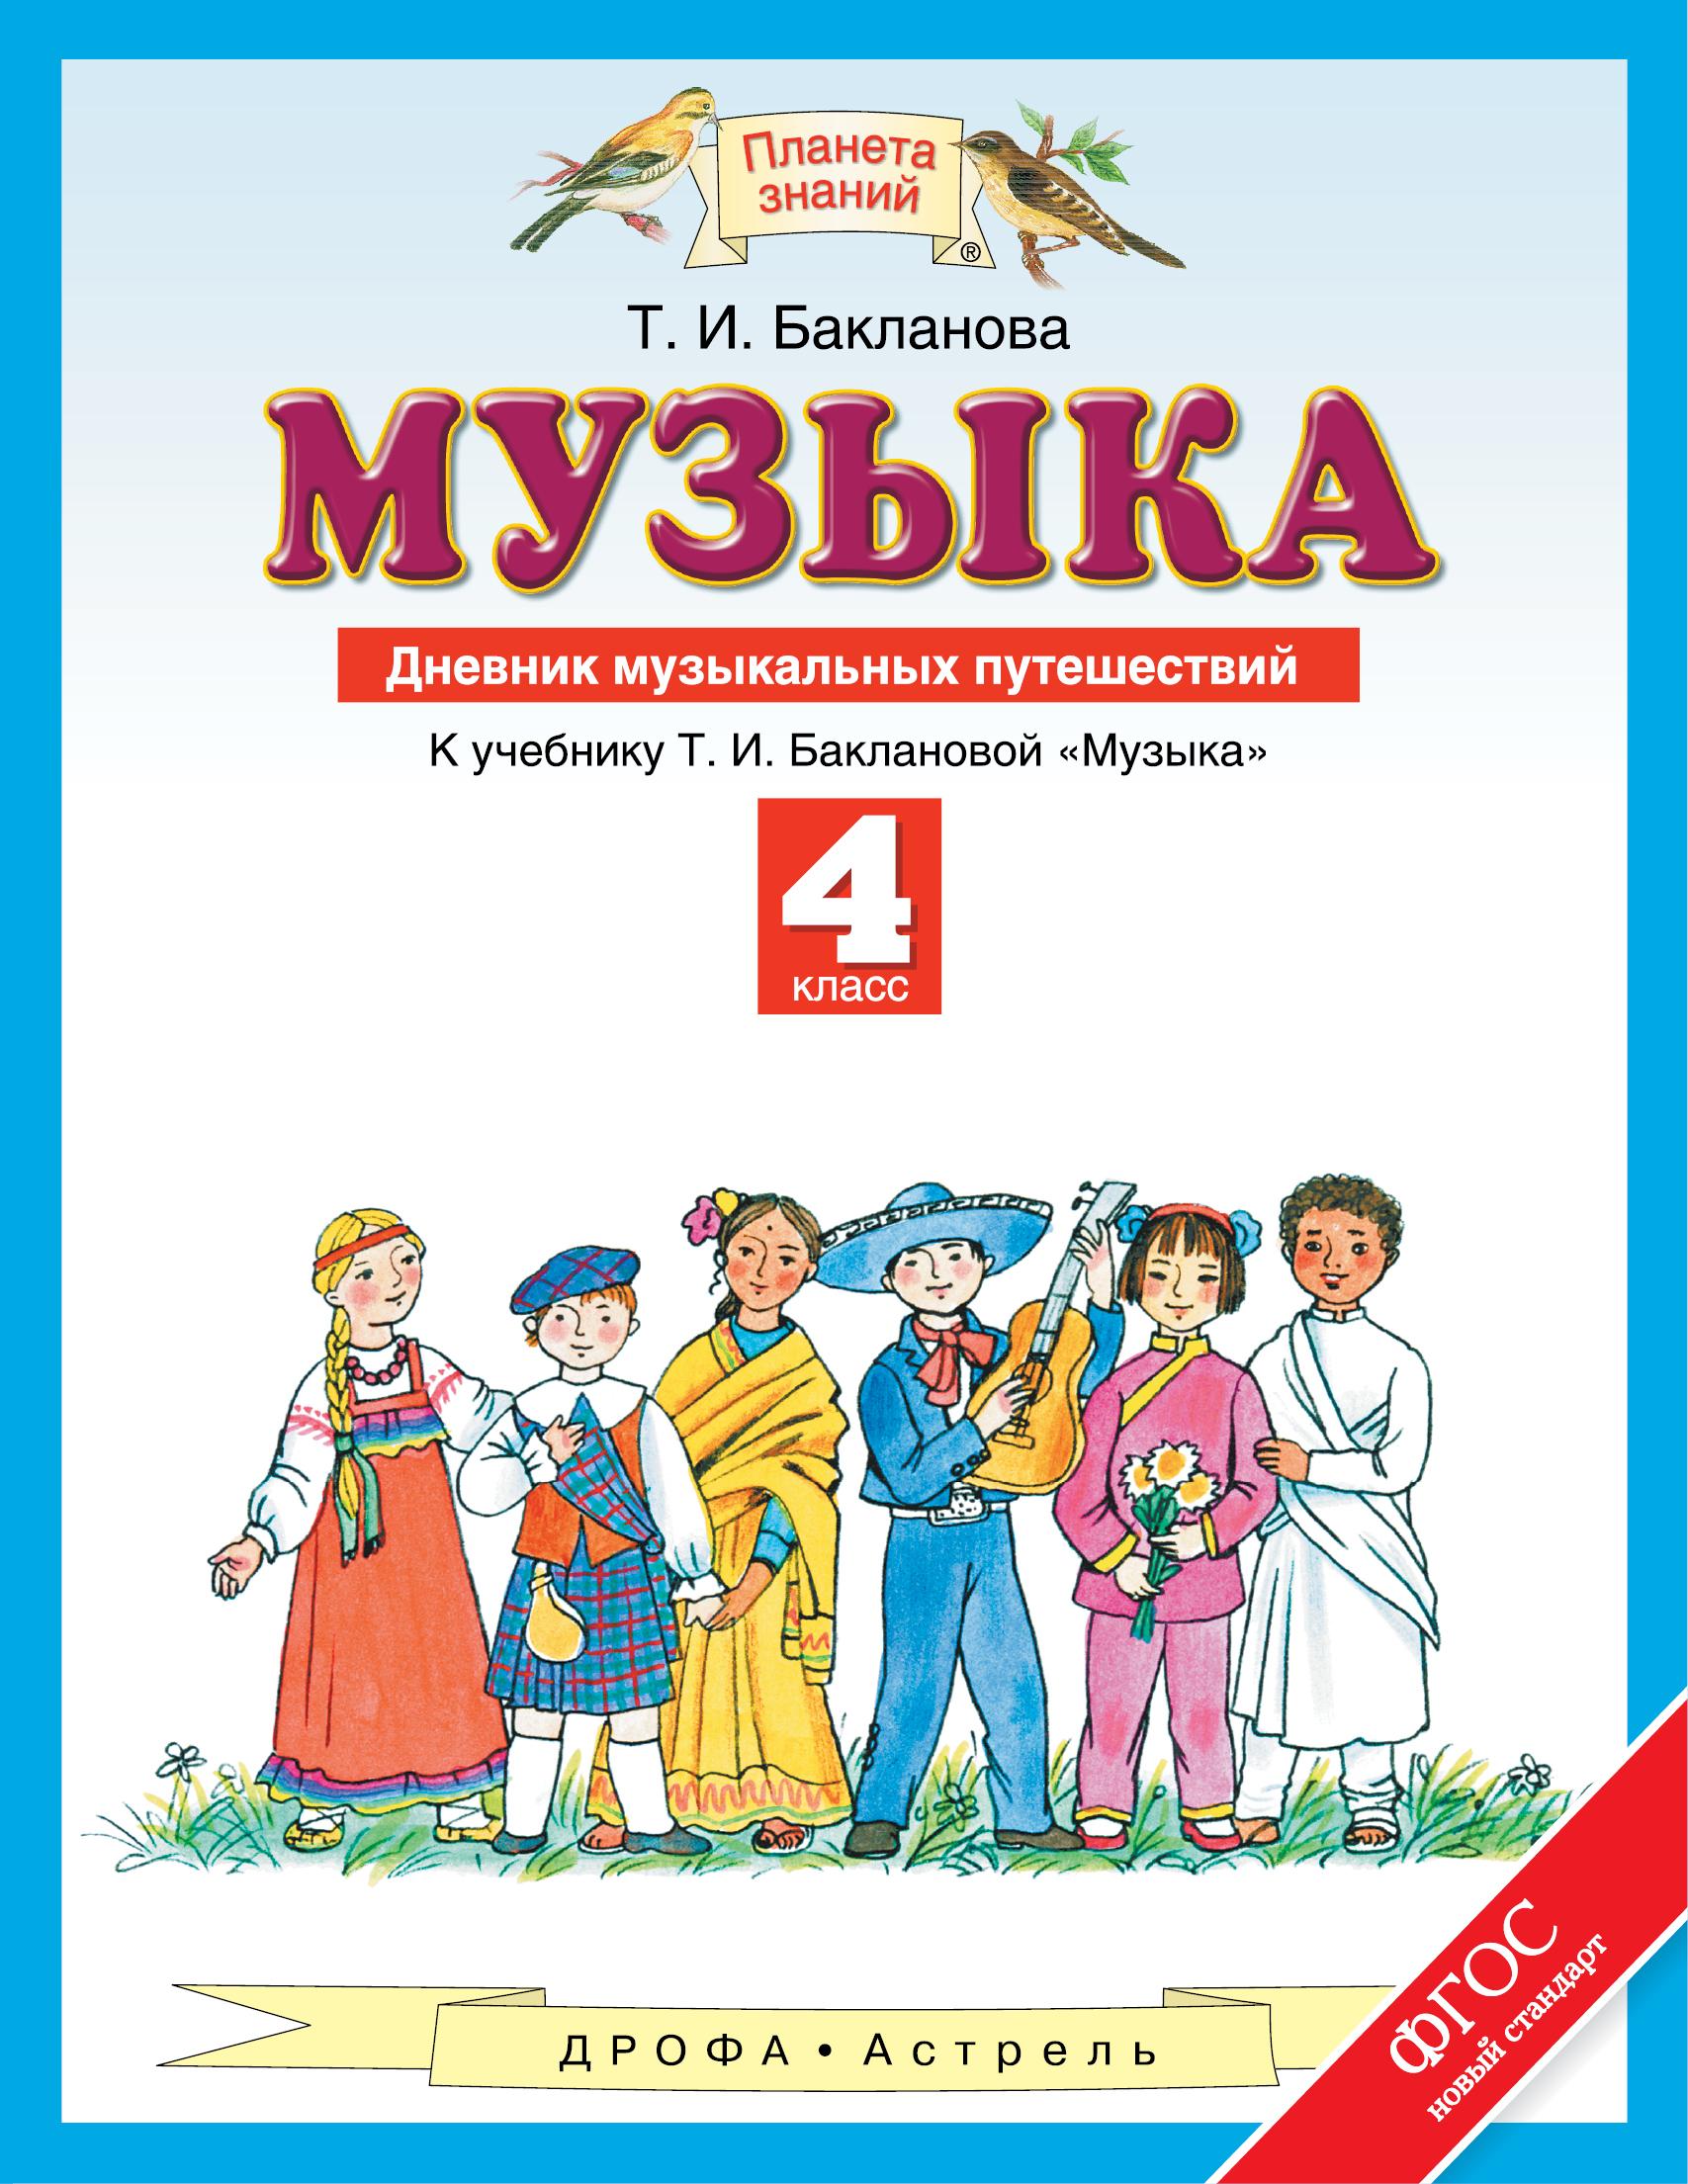 Бакланова Т.И. Музыка. 4 класс. Дневник музыкальных путешествий.